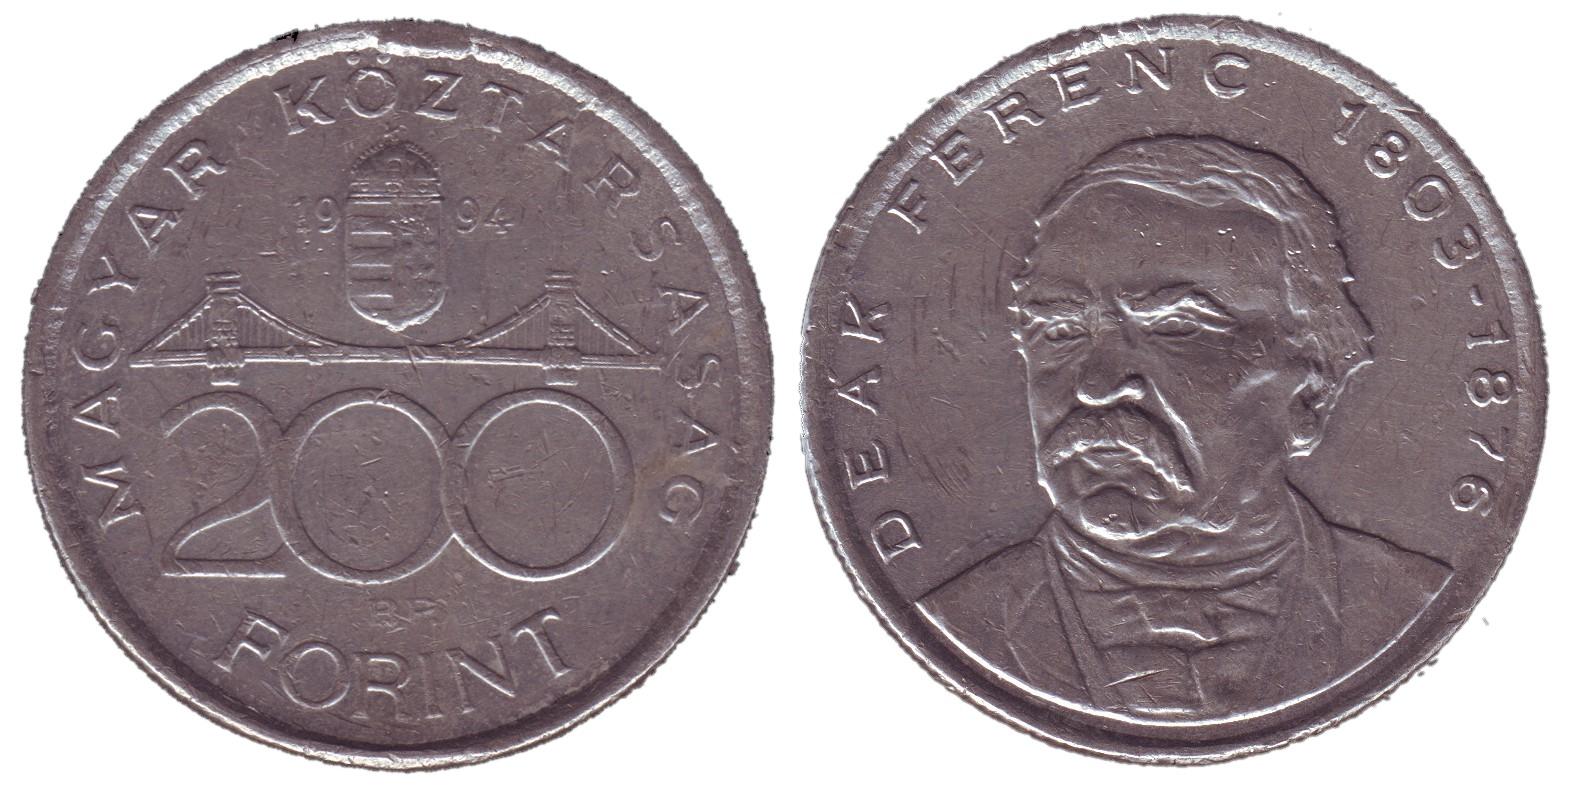 http://www.forintportal.hu/ritkasagkatalogus/200_forint/www_forintportal_hu_1994_200forint_hamis_olom.jpg